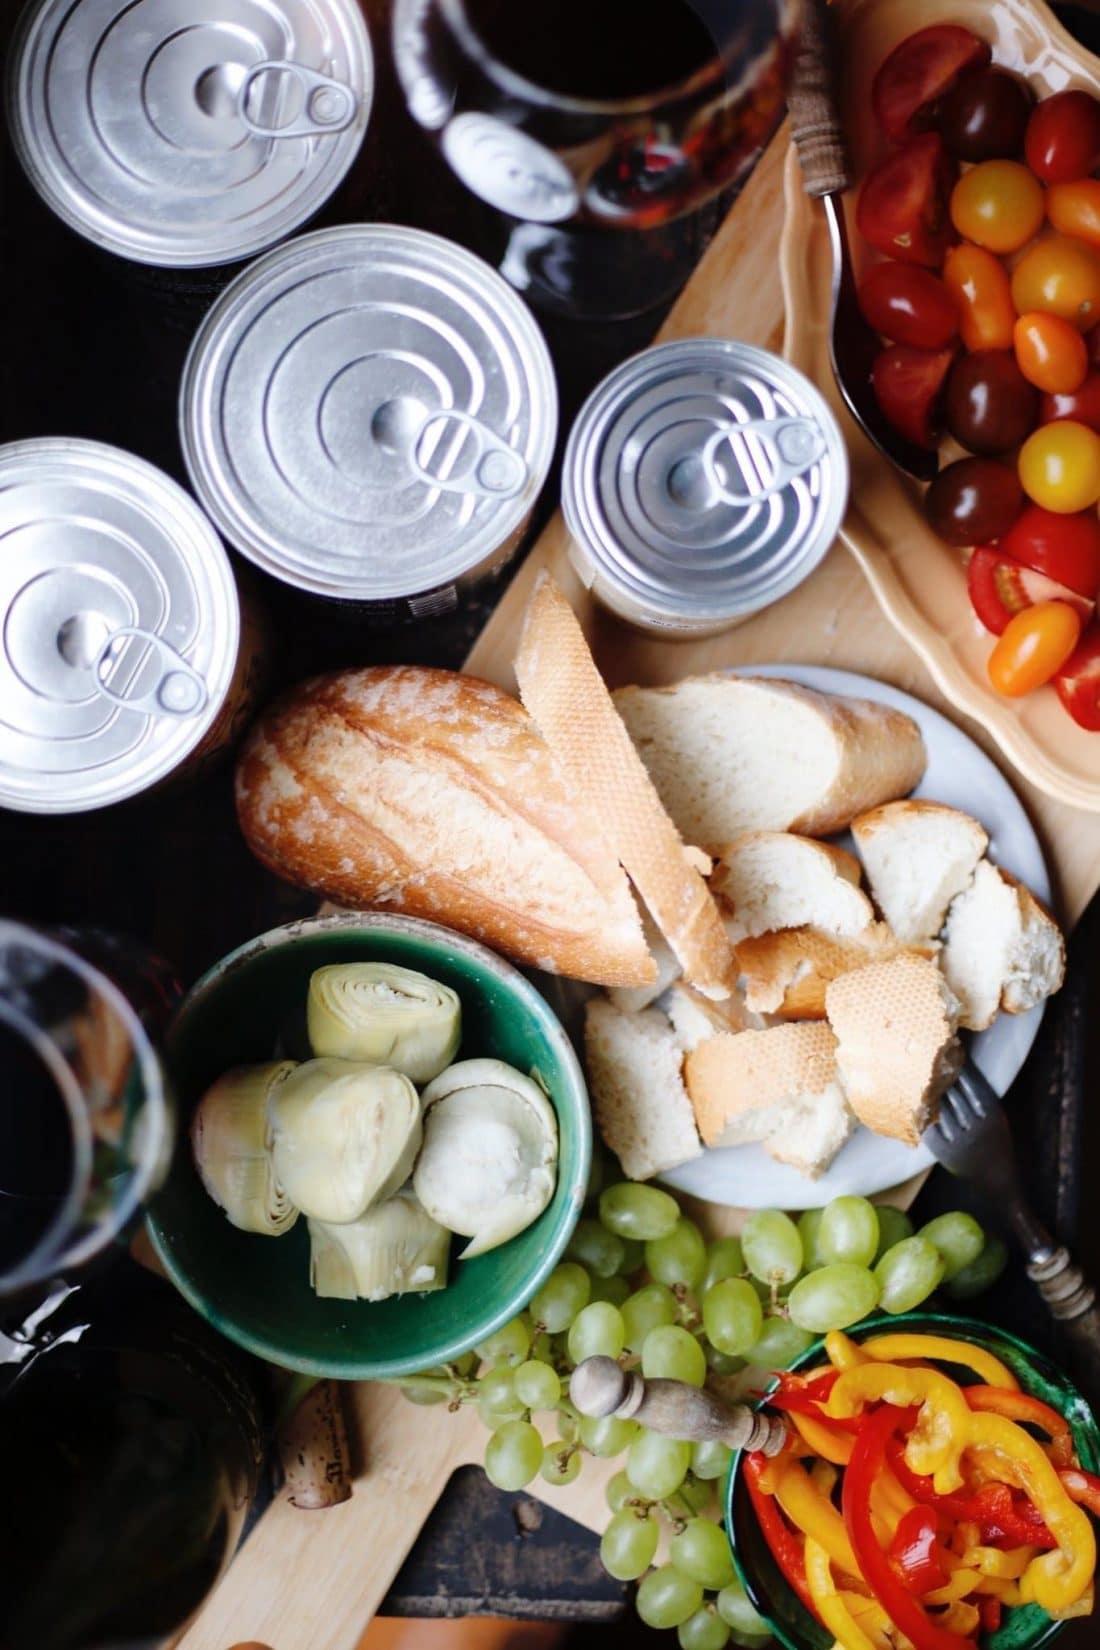 Tomaatjes, stokbrood, paprika en druiven zijn allemaal heerlijk bij onze kaasfondue. Wat dip jij het liefste in onze kaasfondue?